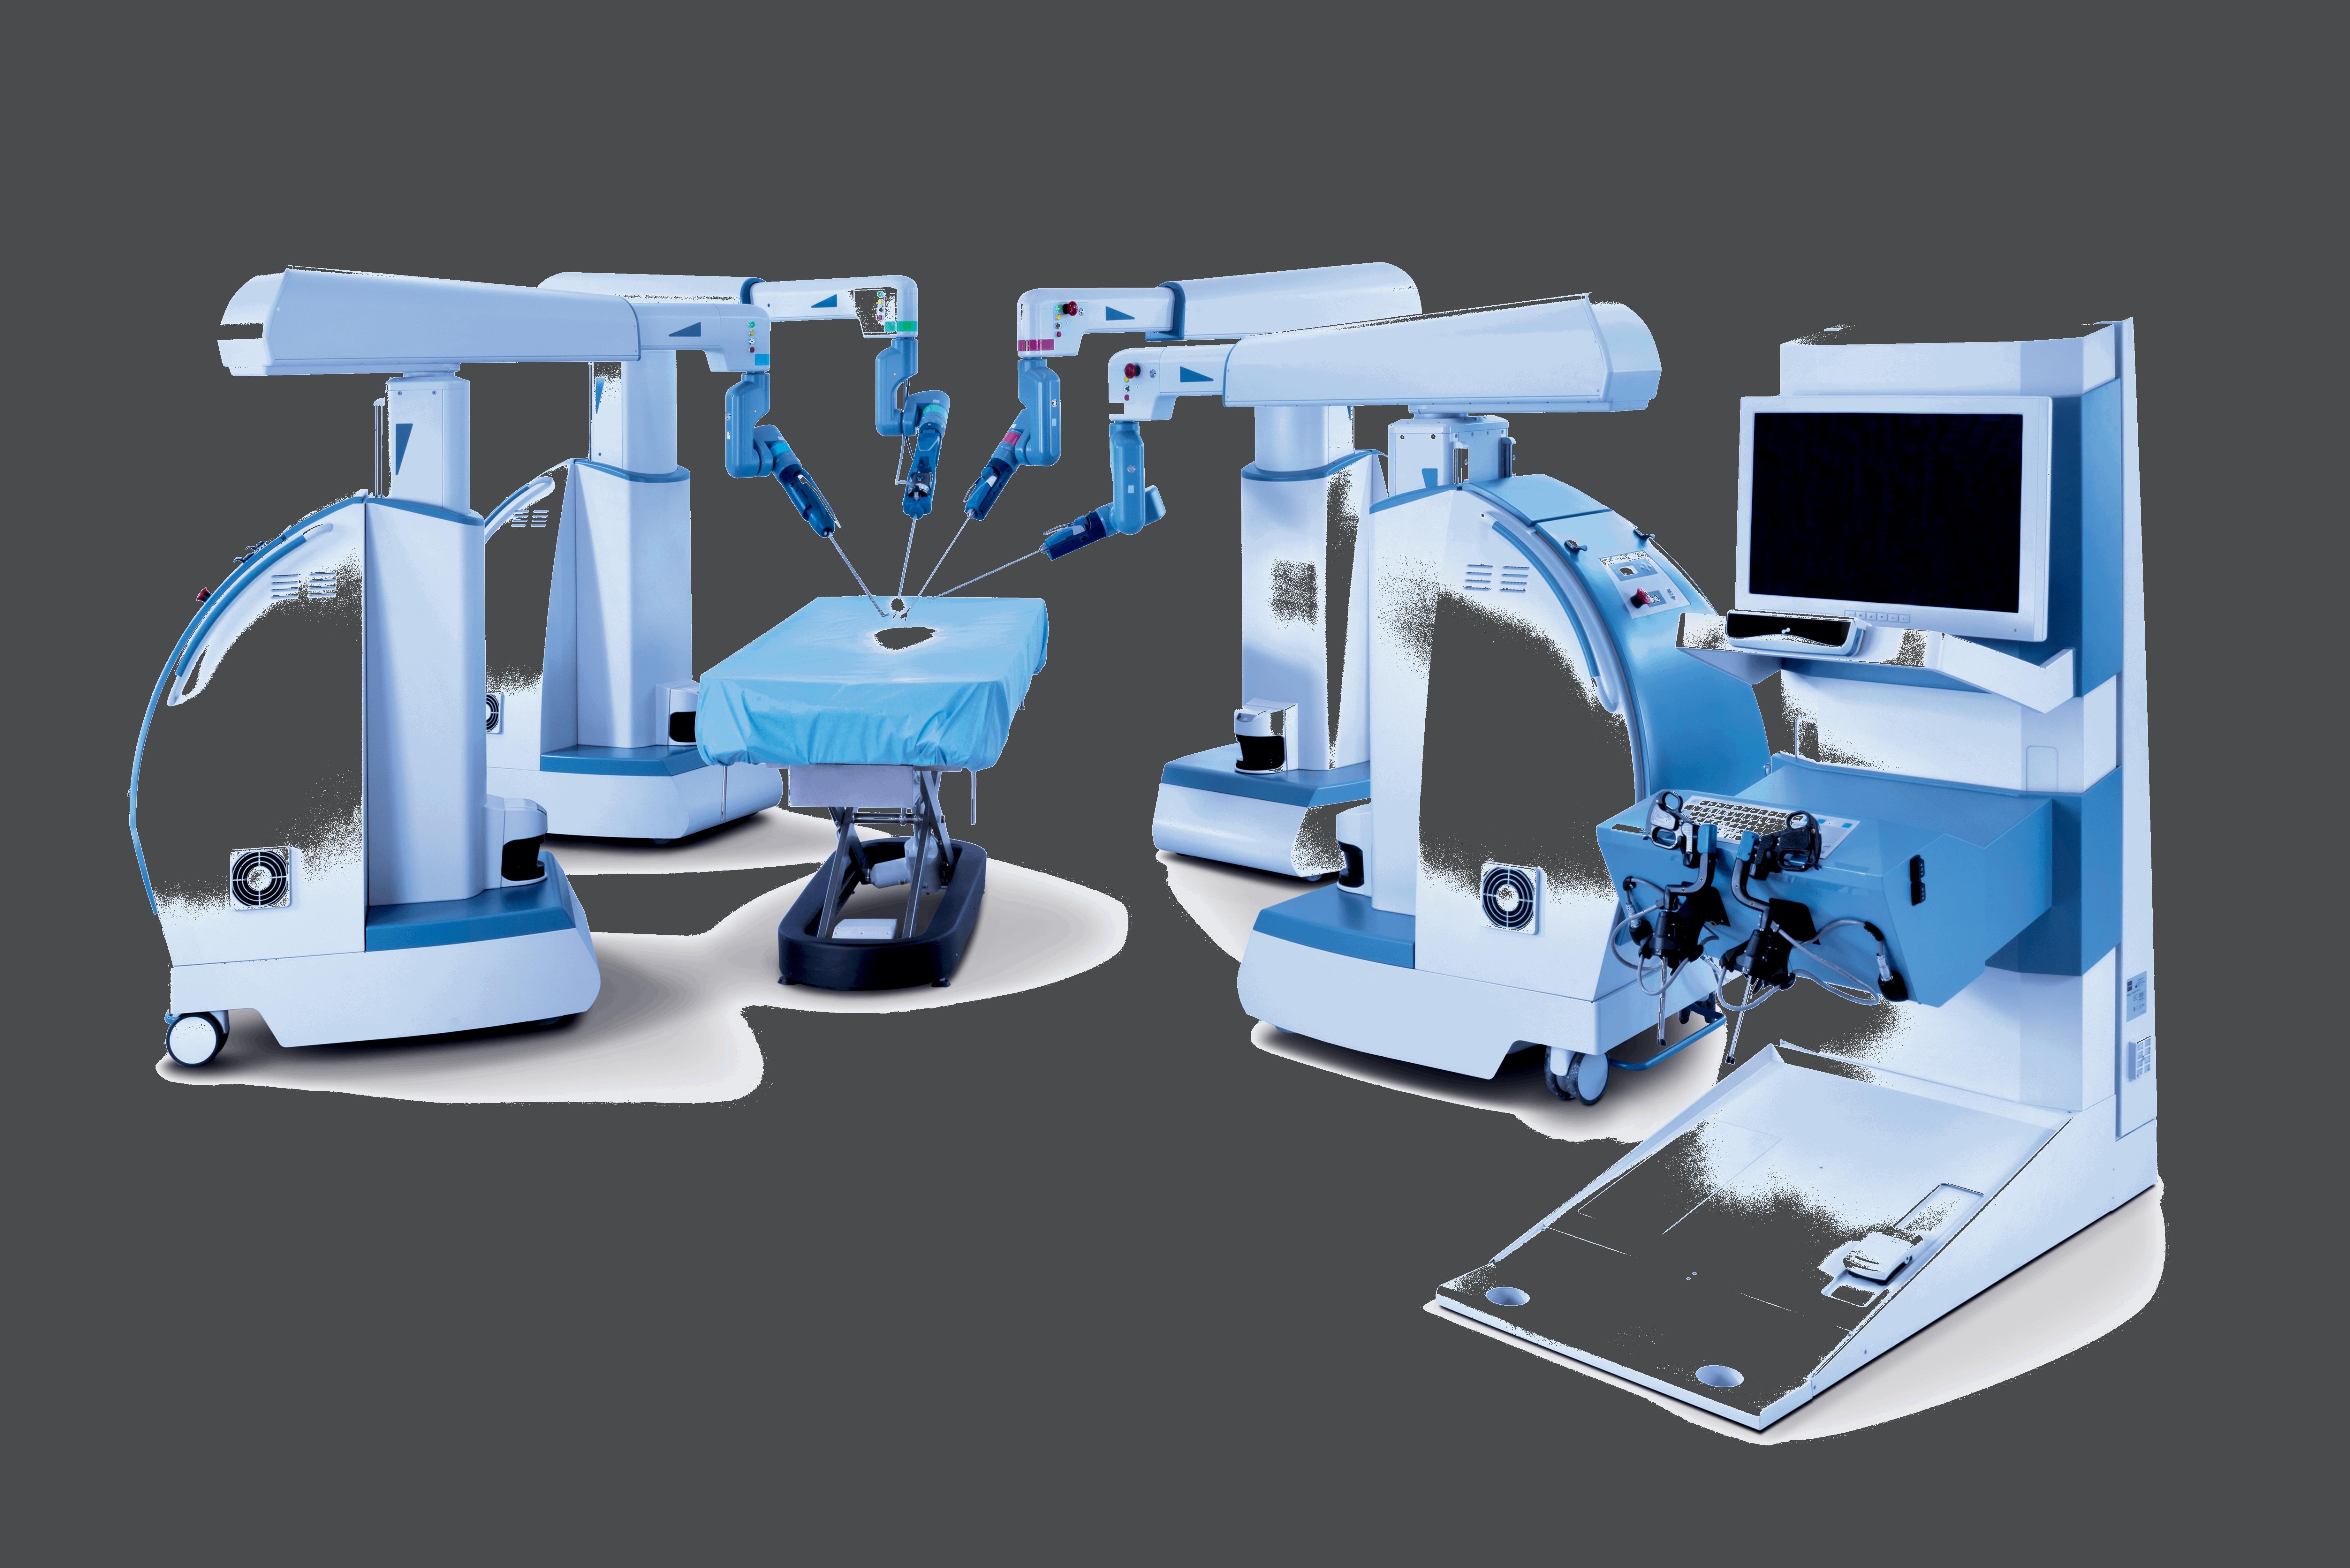 TransEnterix Gears Up For Senhance Robots Wider